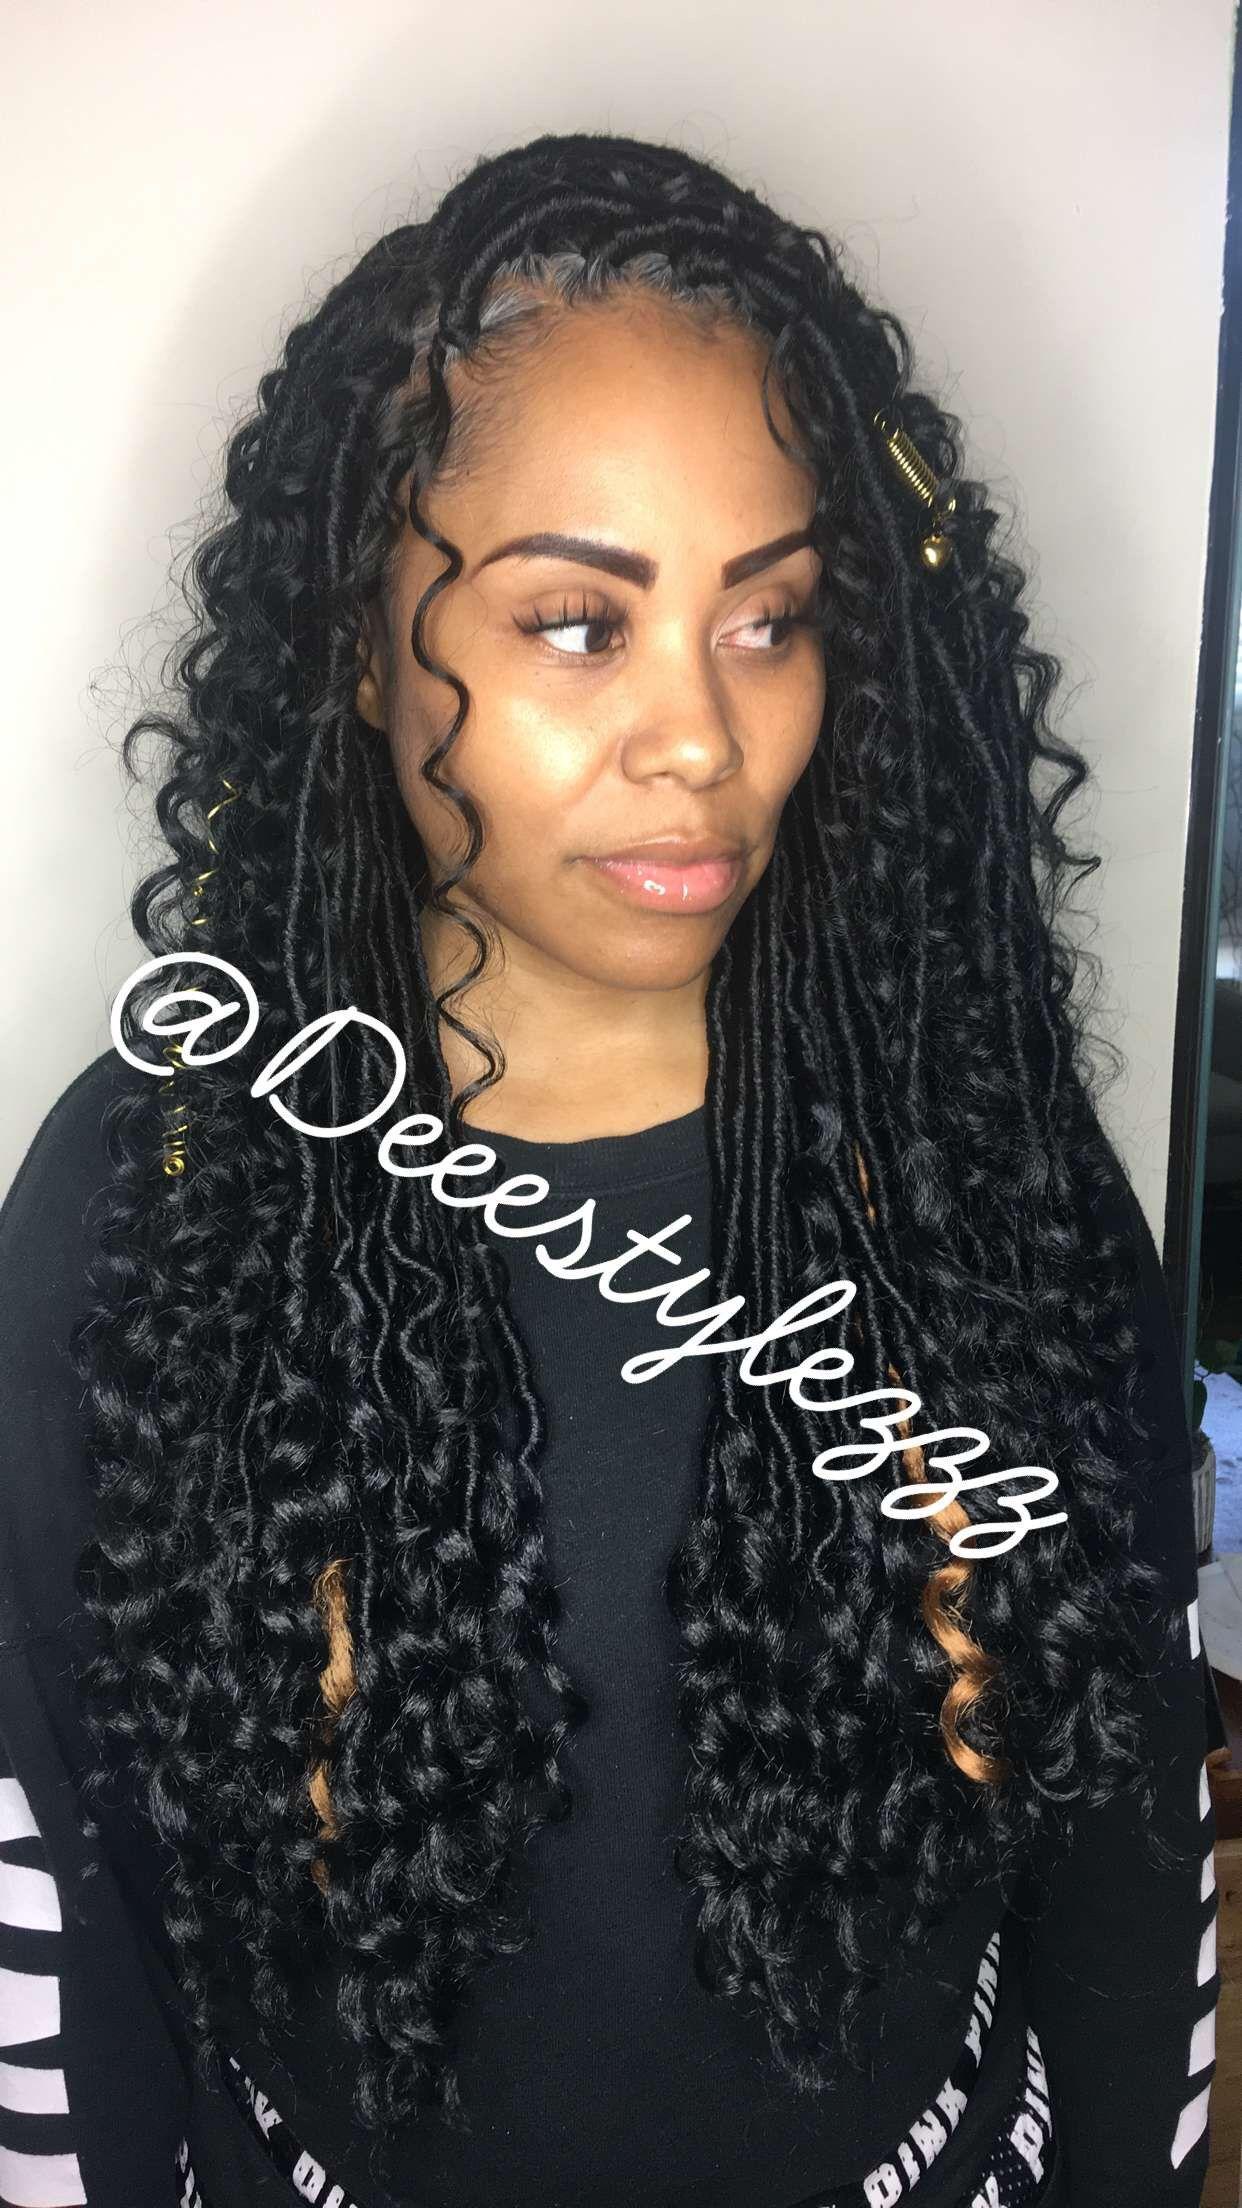 Fauxlocs Bohemianlocs Half Half Crochethairstyles Crohetfauxlocs Hairstylist Hairstyle Faux Locs Hairstyles Weave Hairstyles Brazilian Hair Weave